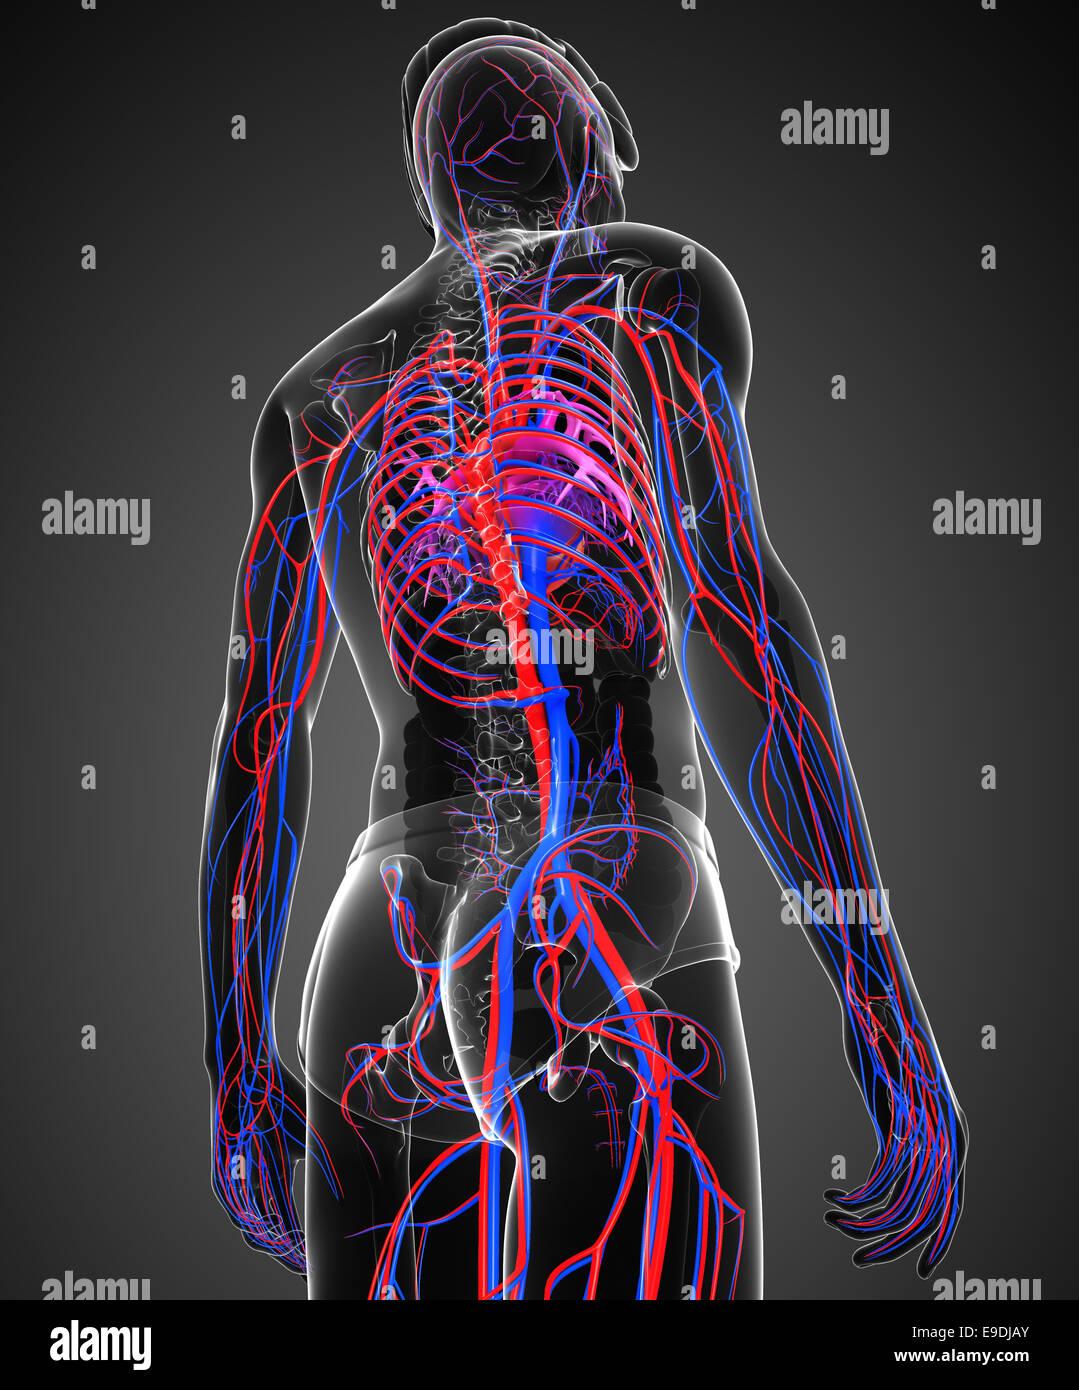 Nett Herz Kreislauf Test Anatomie Und Physiologie Zeitgenössisch ...